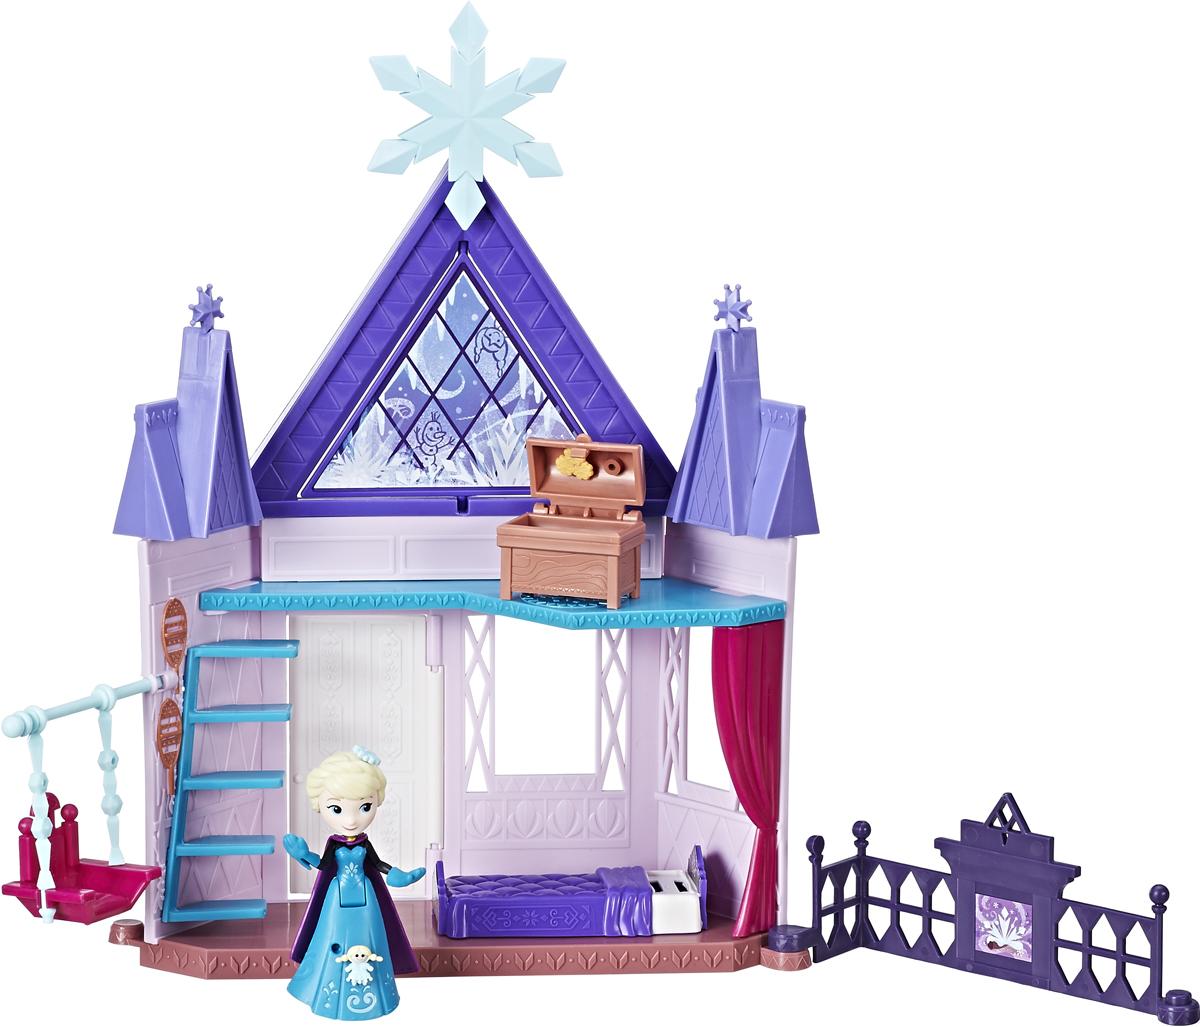 Disney Frozen Игровой набор Холодное сердцеСпальня Эльзы disney frozen игровой набор с куклой замок эльзы сделай волшебный снег